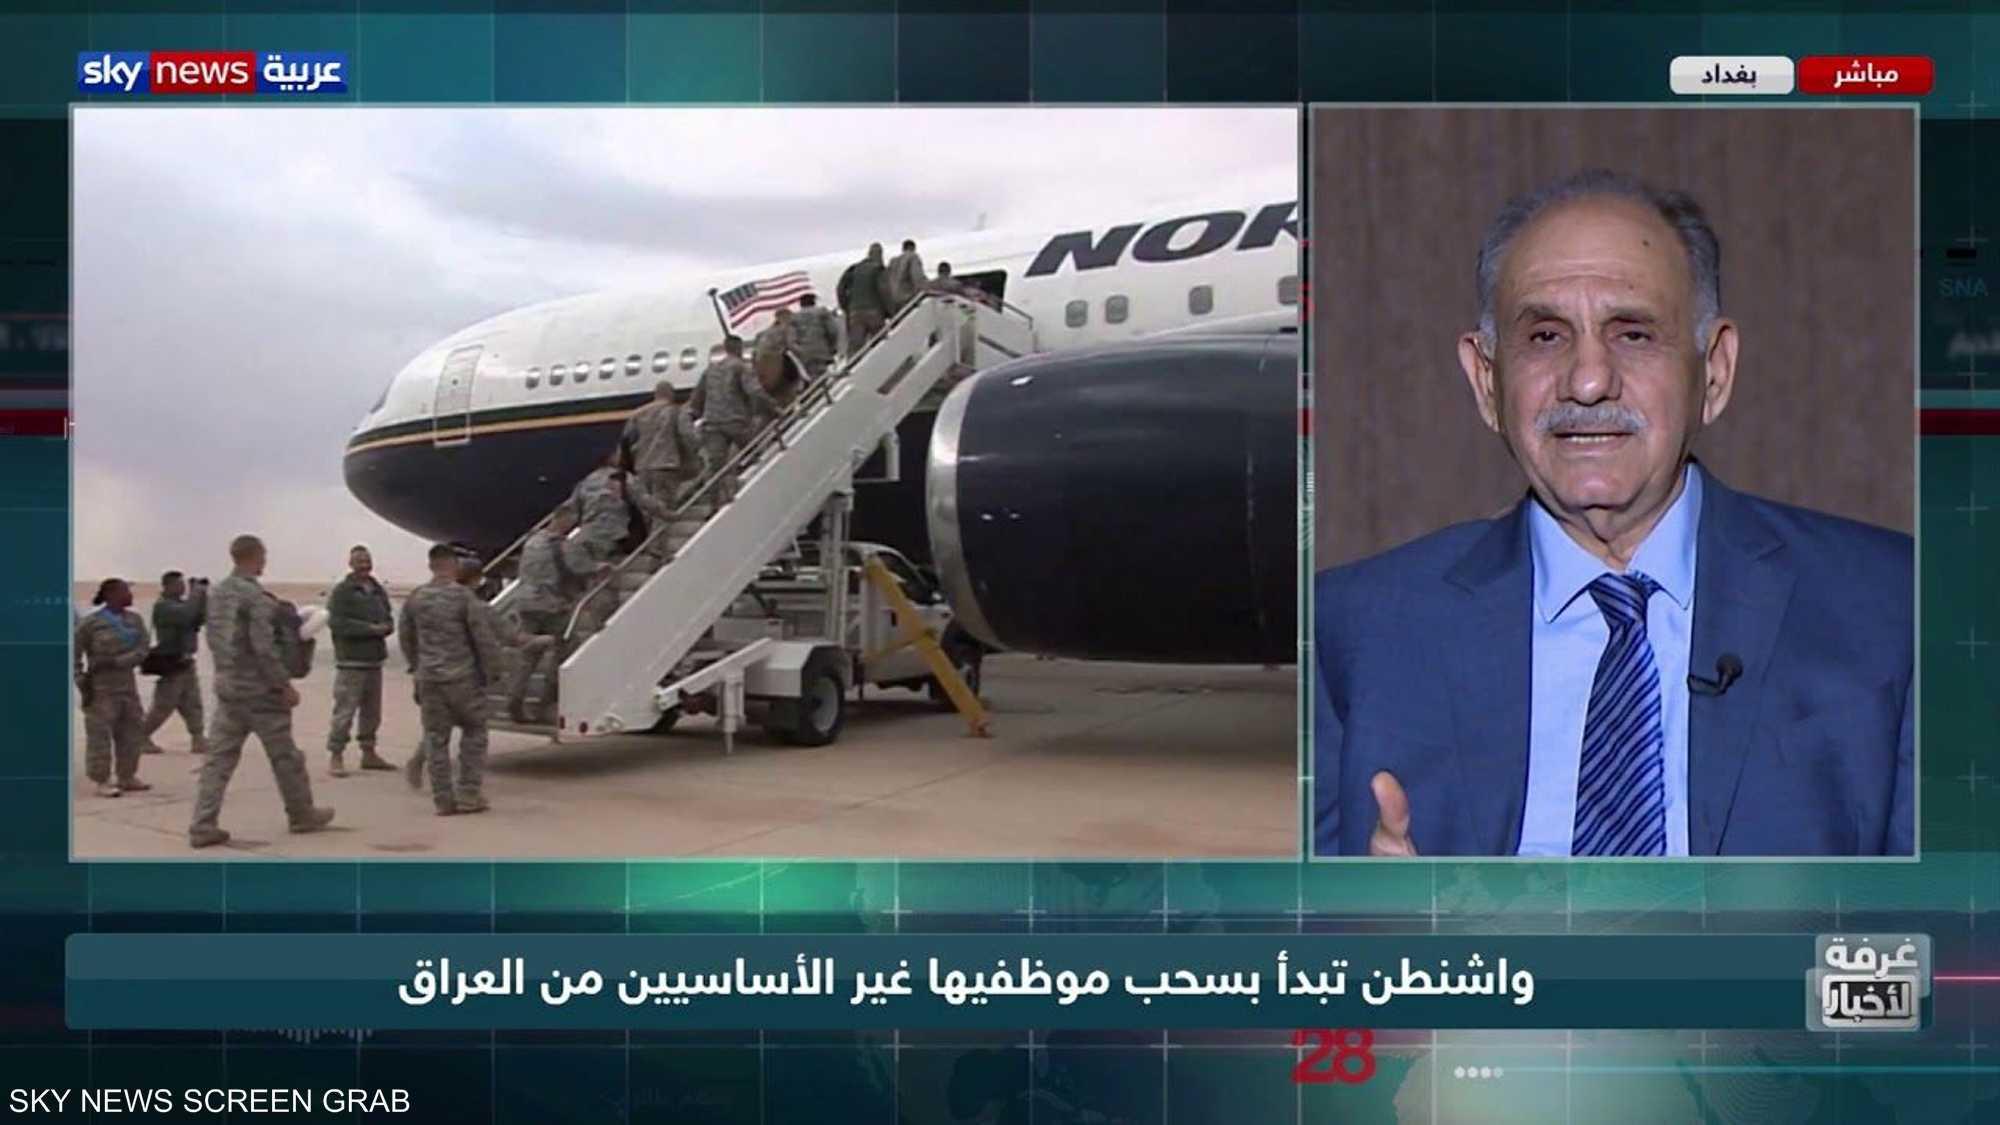 العراق.. مؤشرات تهديدات أمنية وقلق غربي